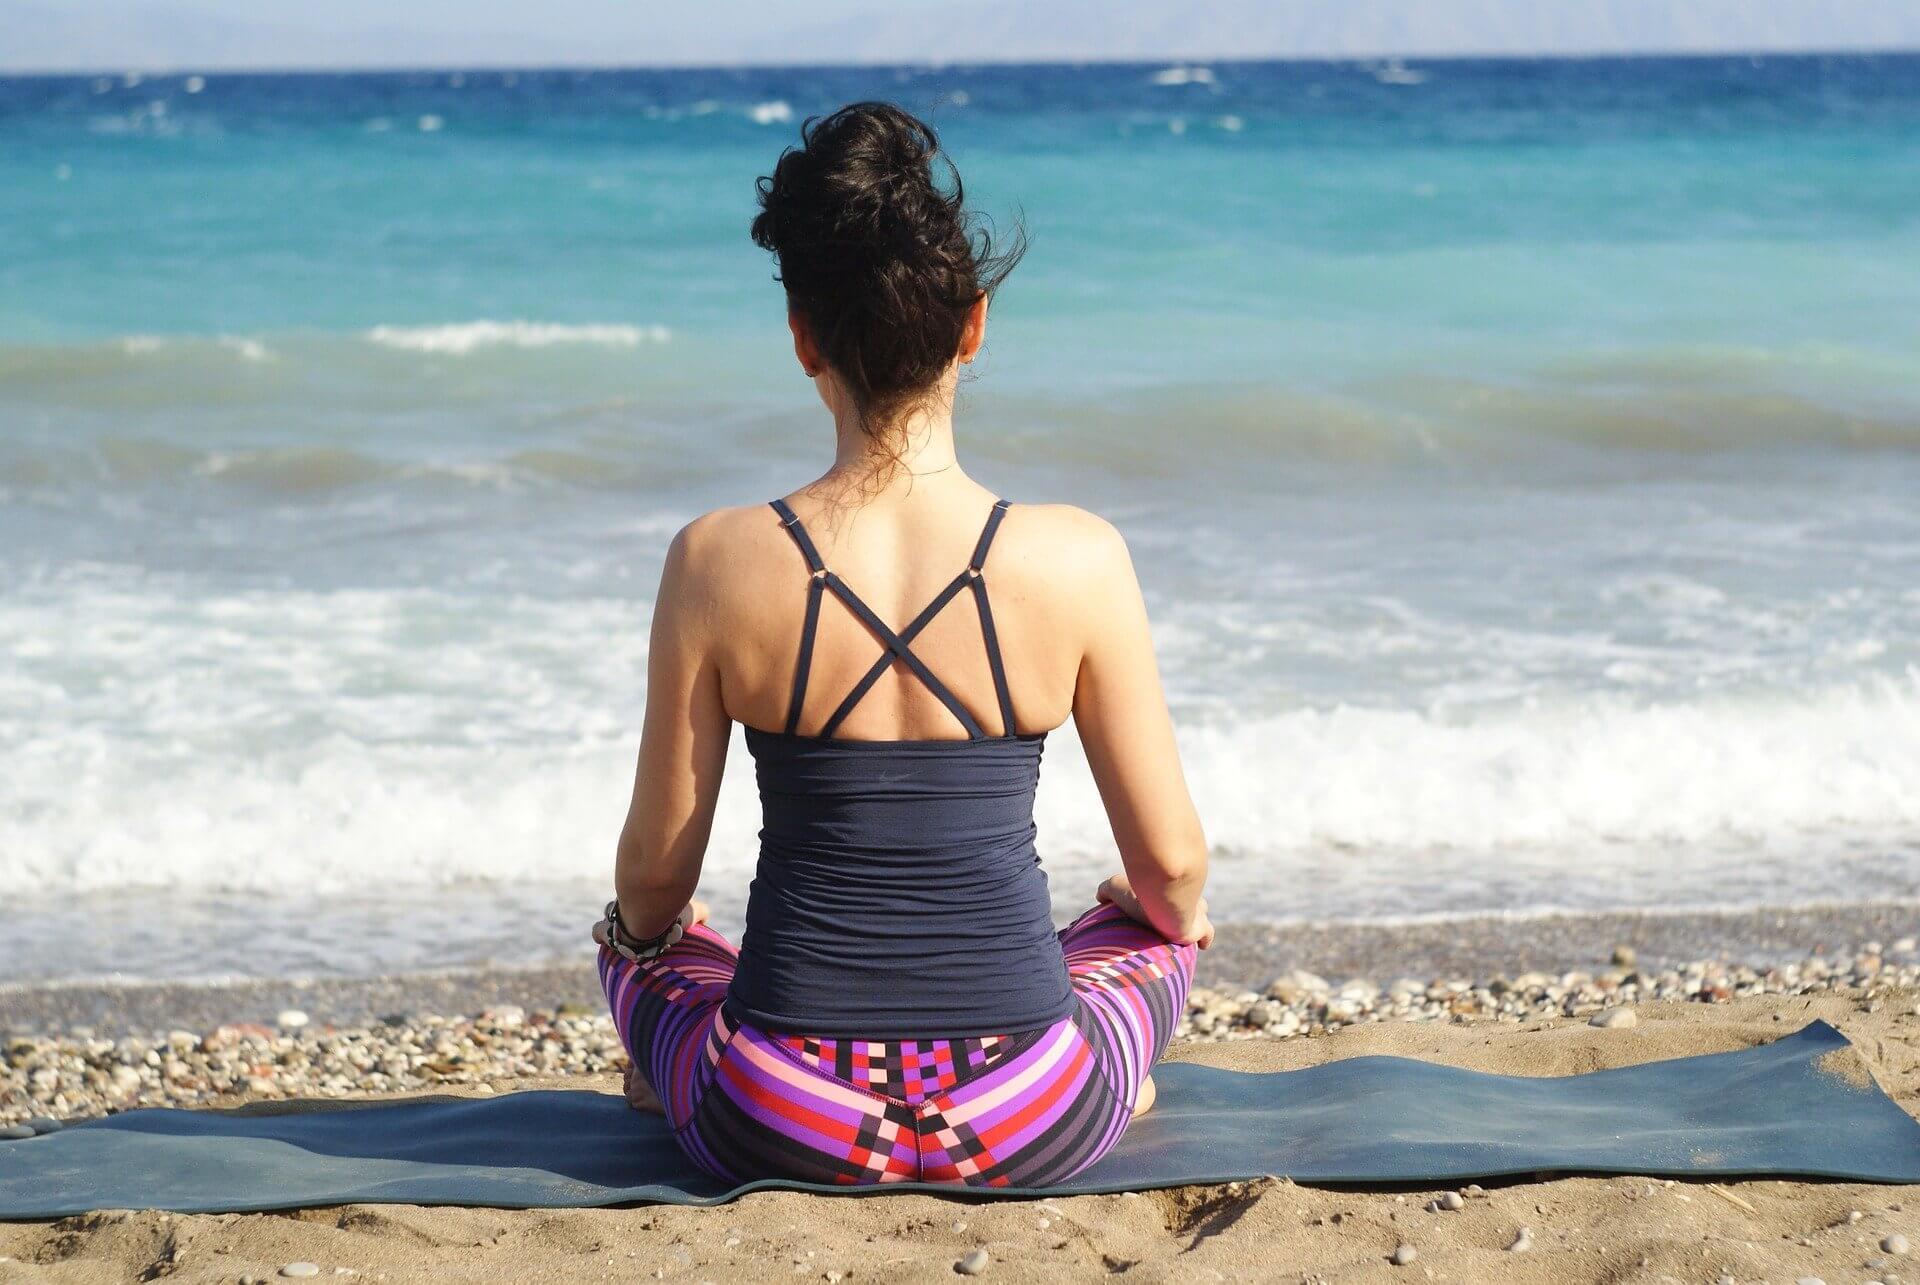 medytacja, spokój, joga, umysł, praca nad sobą, spokój, odpoczynek, relaks, slowlife, zdrowy styl życia, psychologia, jak odnaleźć spokój, poszukiwanie siebie, medytacja bez tajemnic